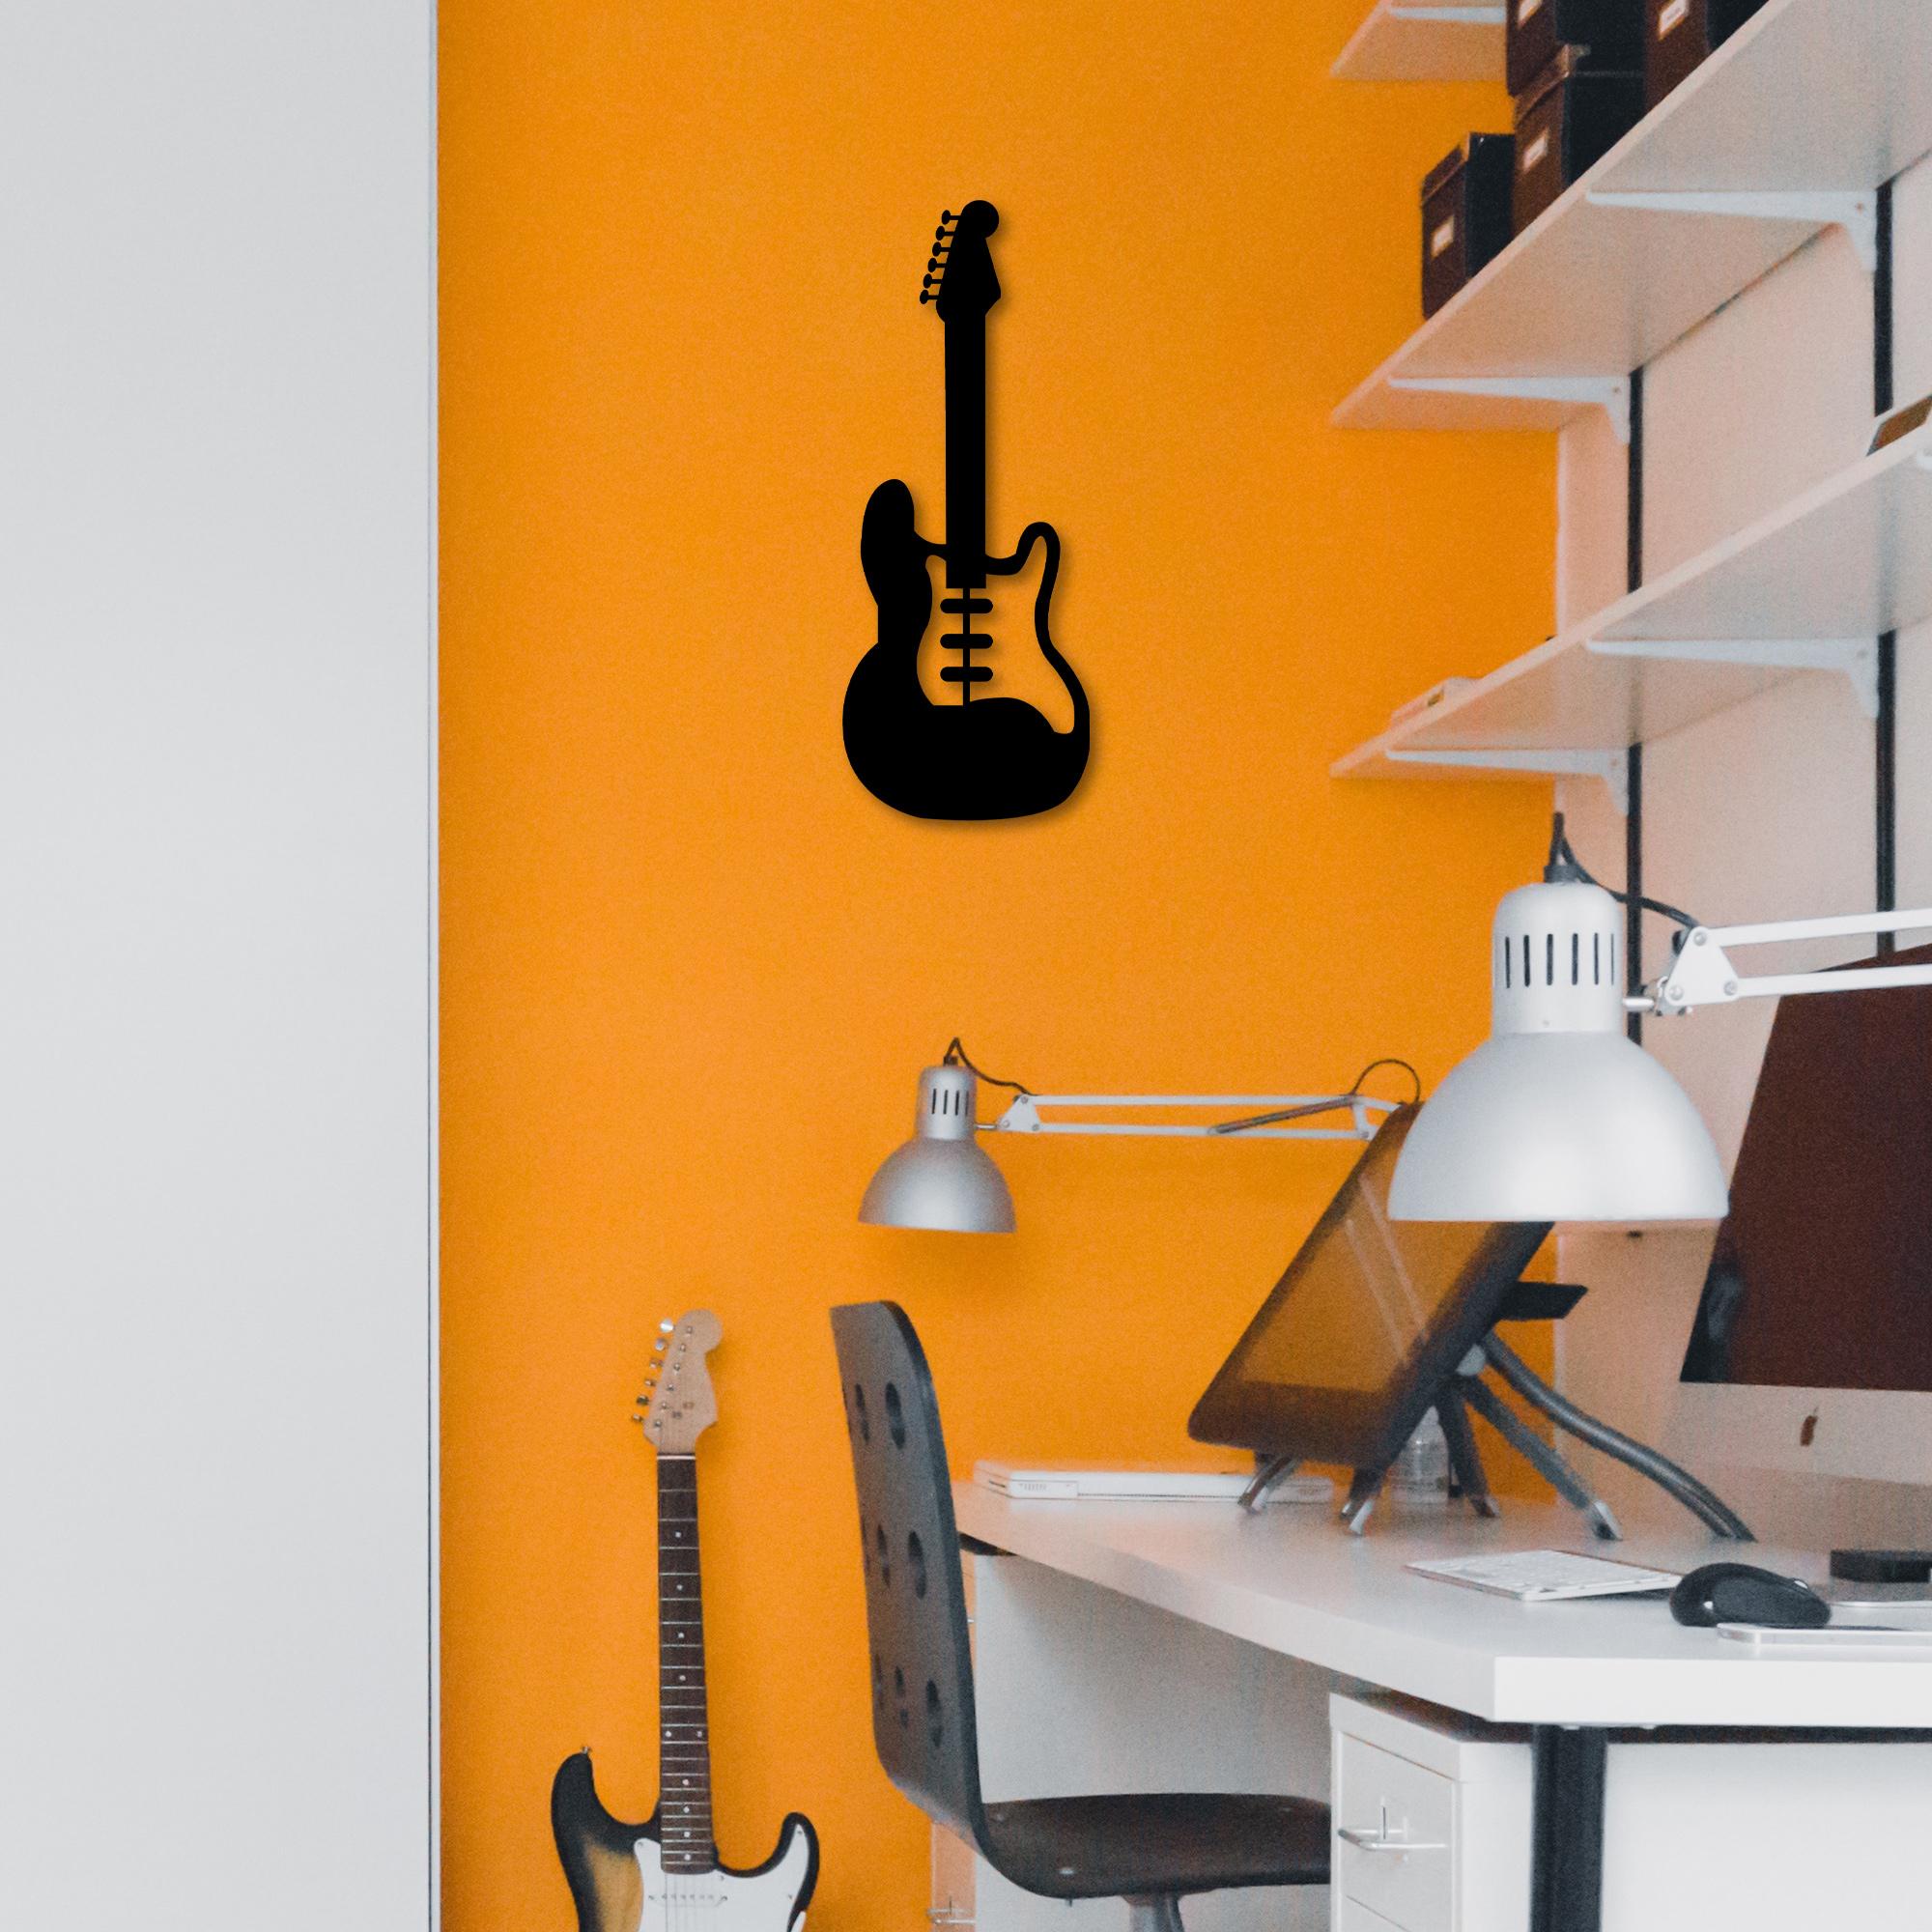 Bass Guitar I – Metal Wall Art